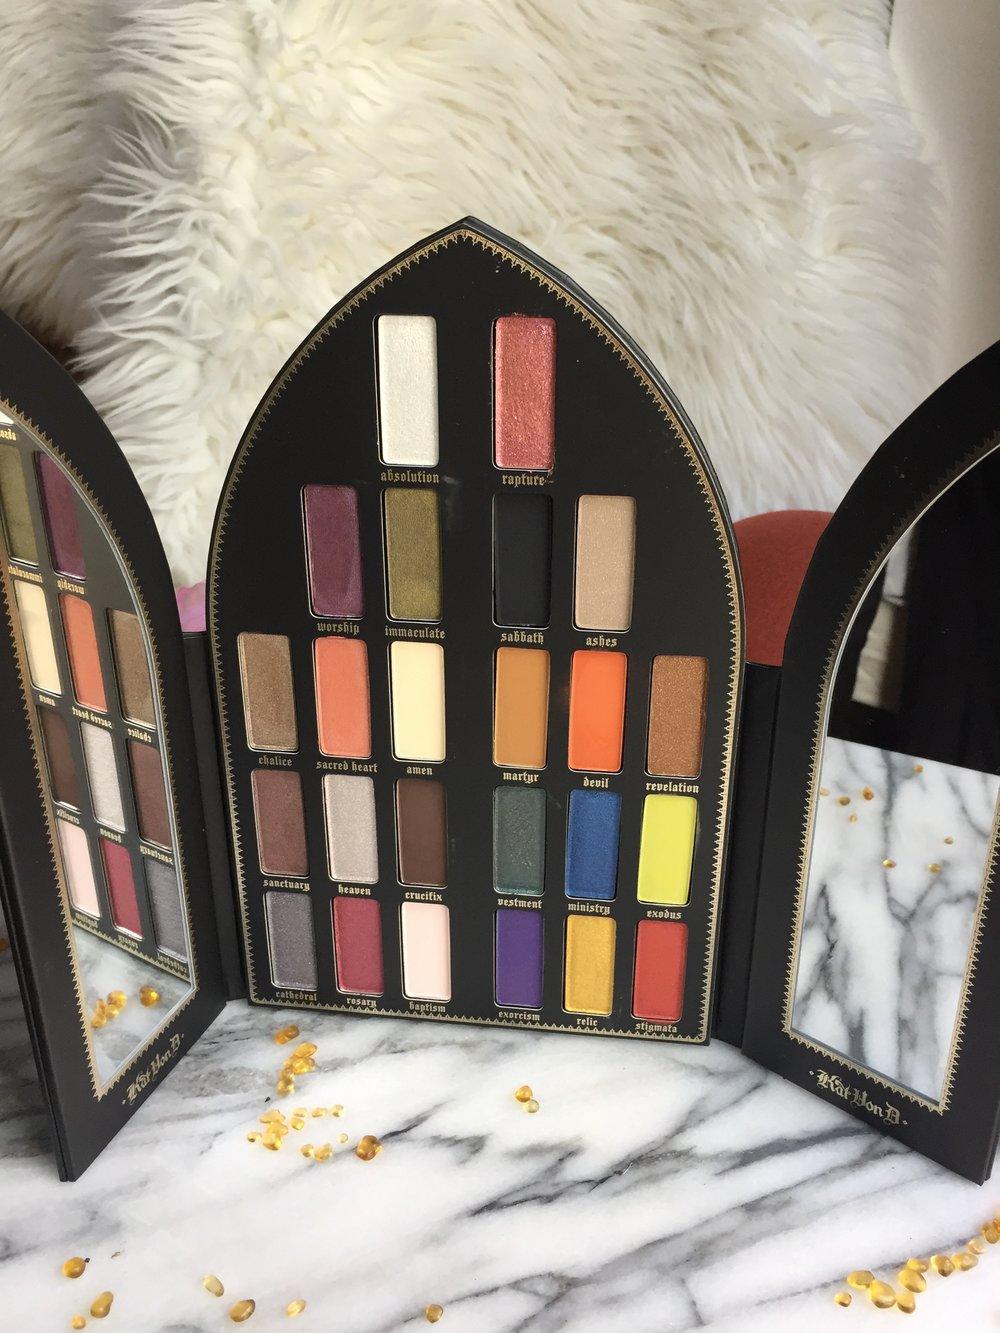 Kat Von D Saint and Sinner Eyeshadow Palette